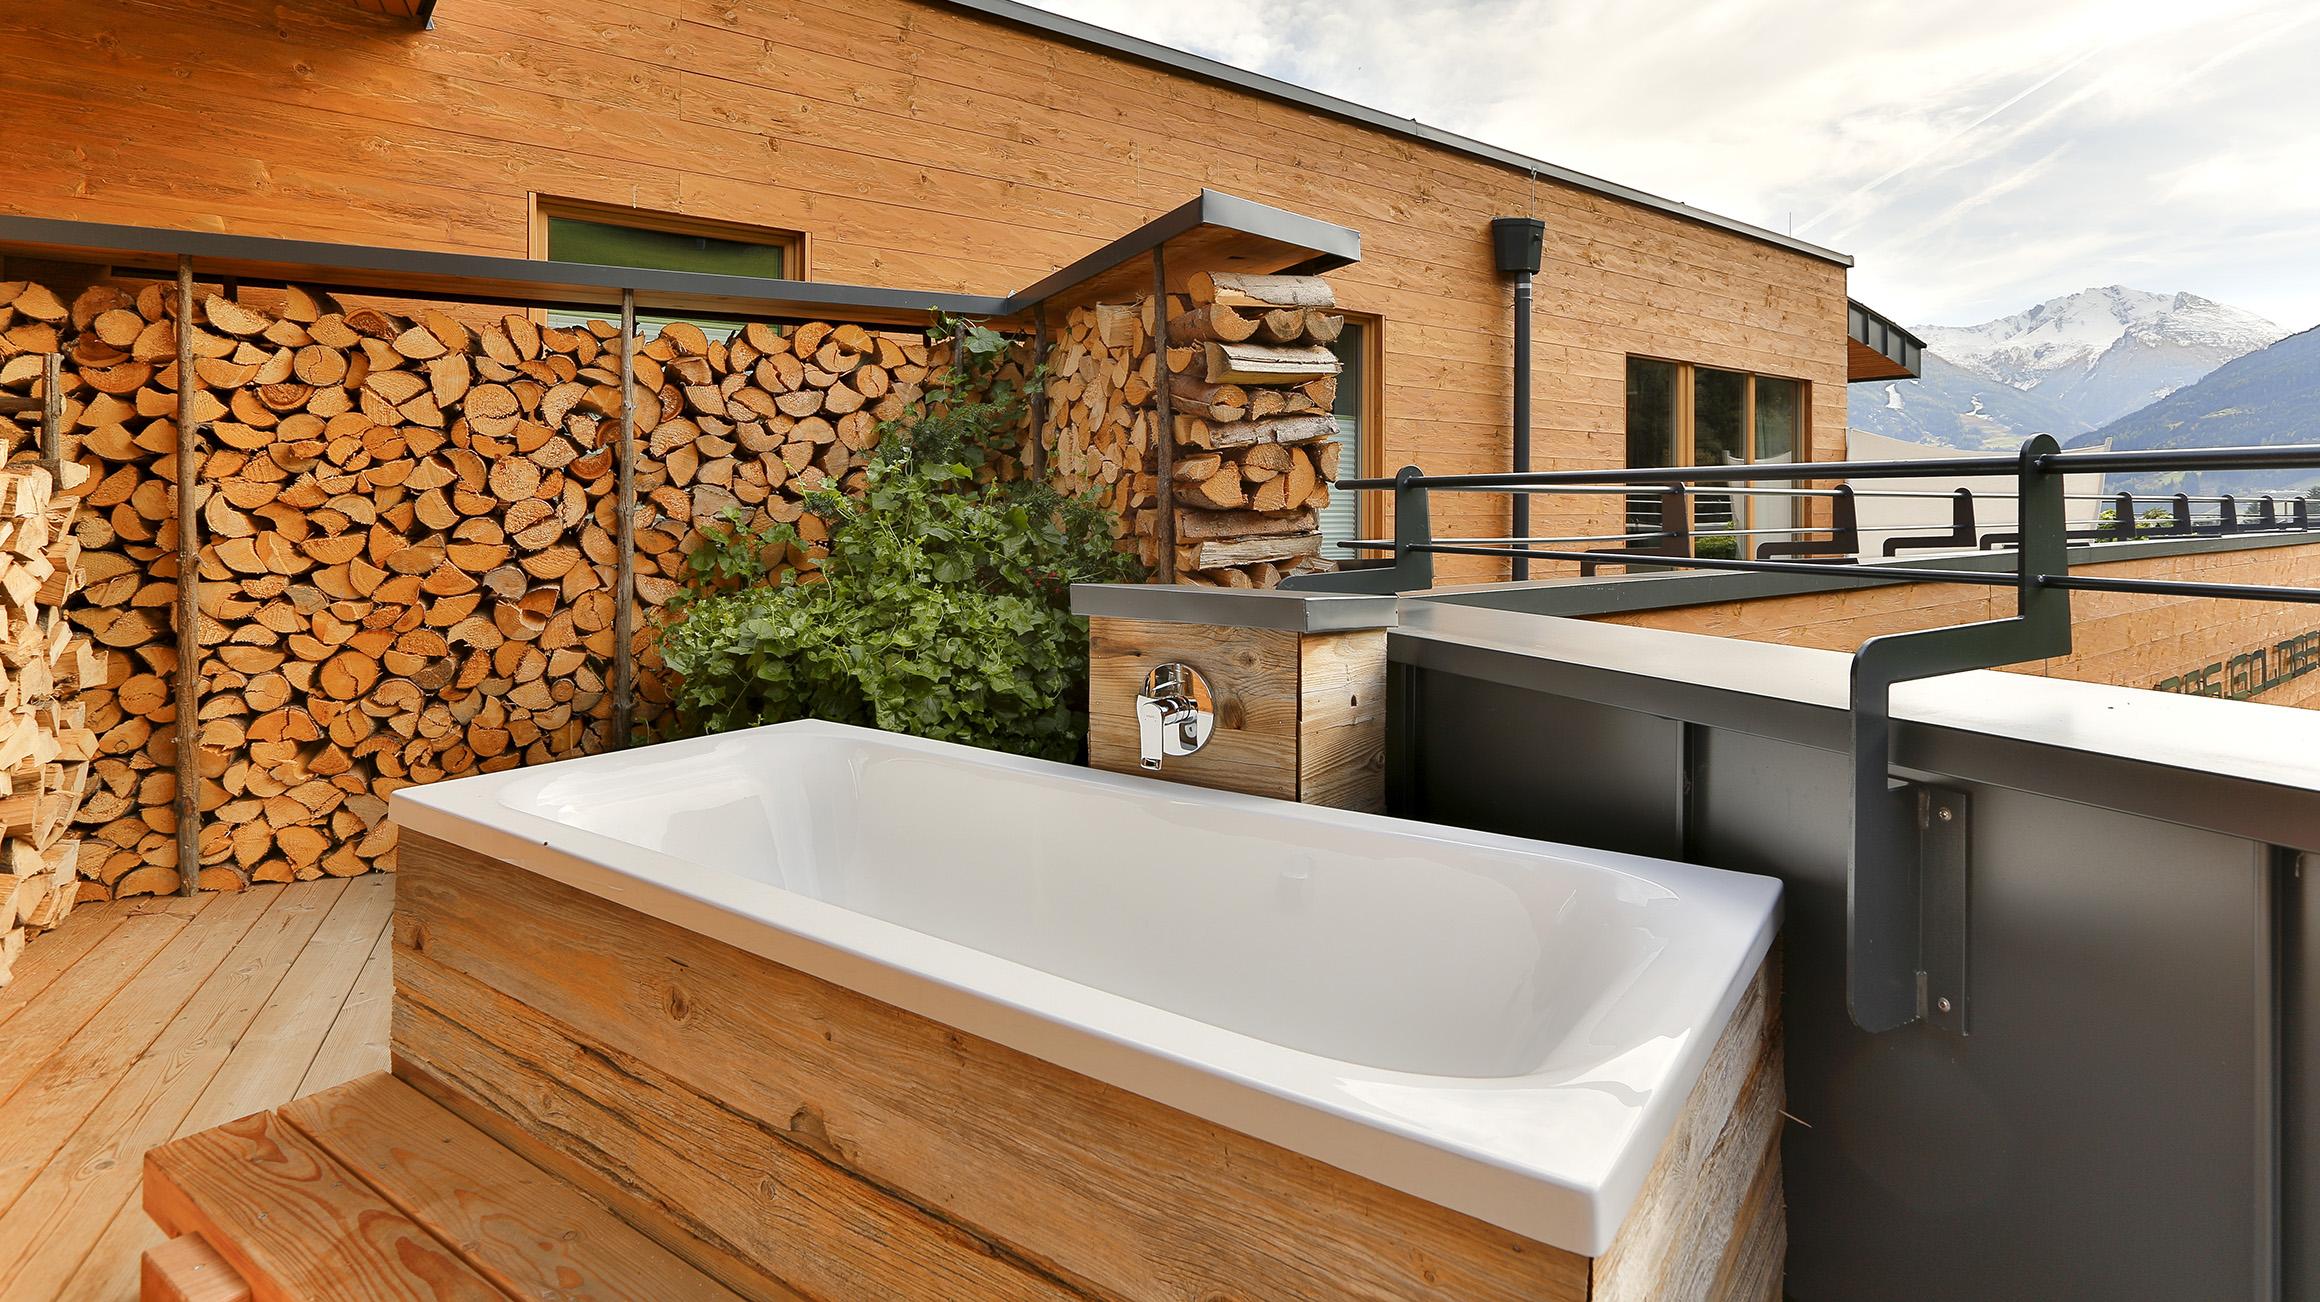 Badkamer Idee Natuur : Een badkamer inrichten in landhuisstijl ideeën en tips hansgrohe be